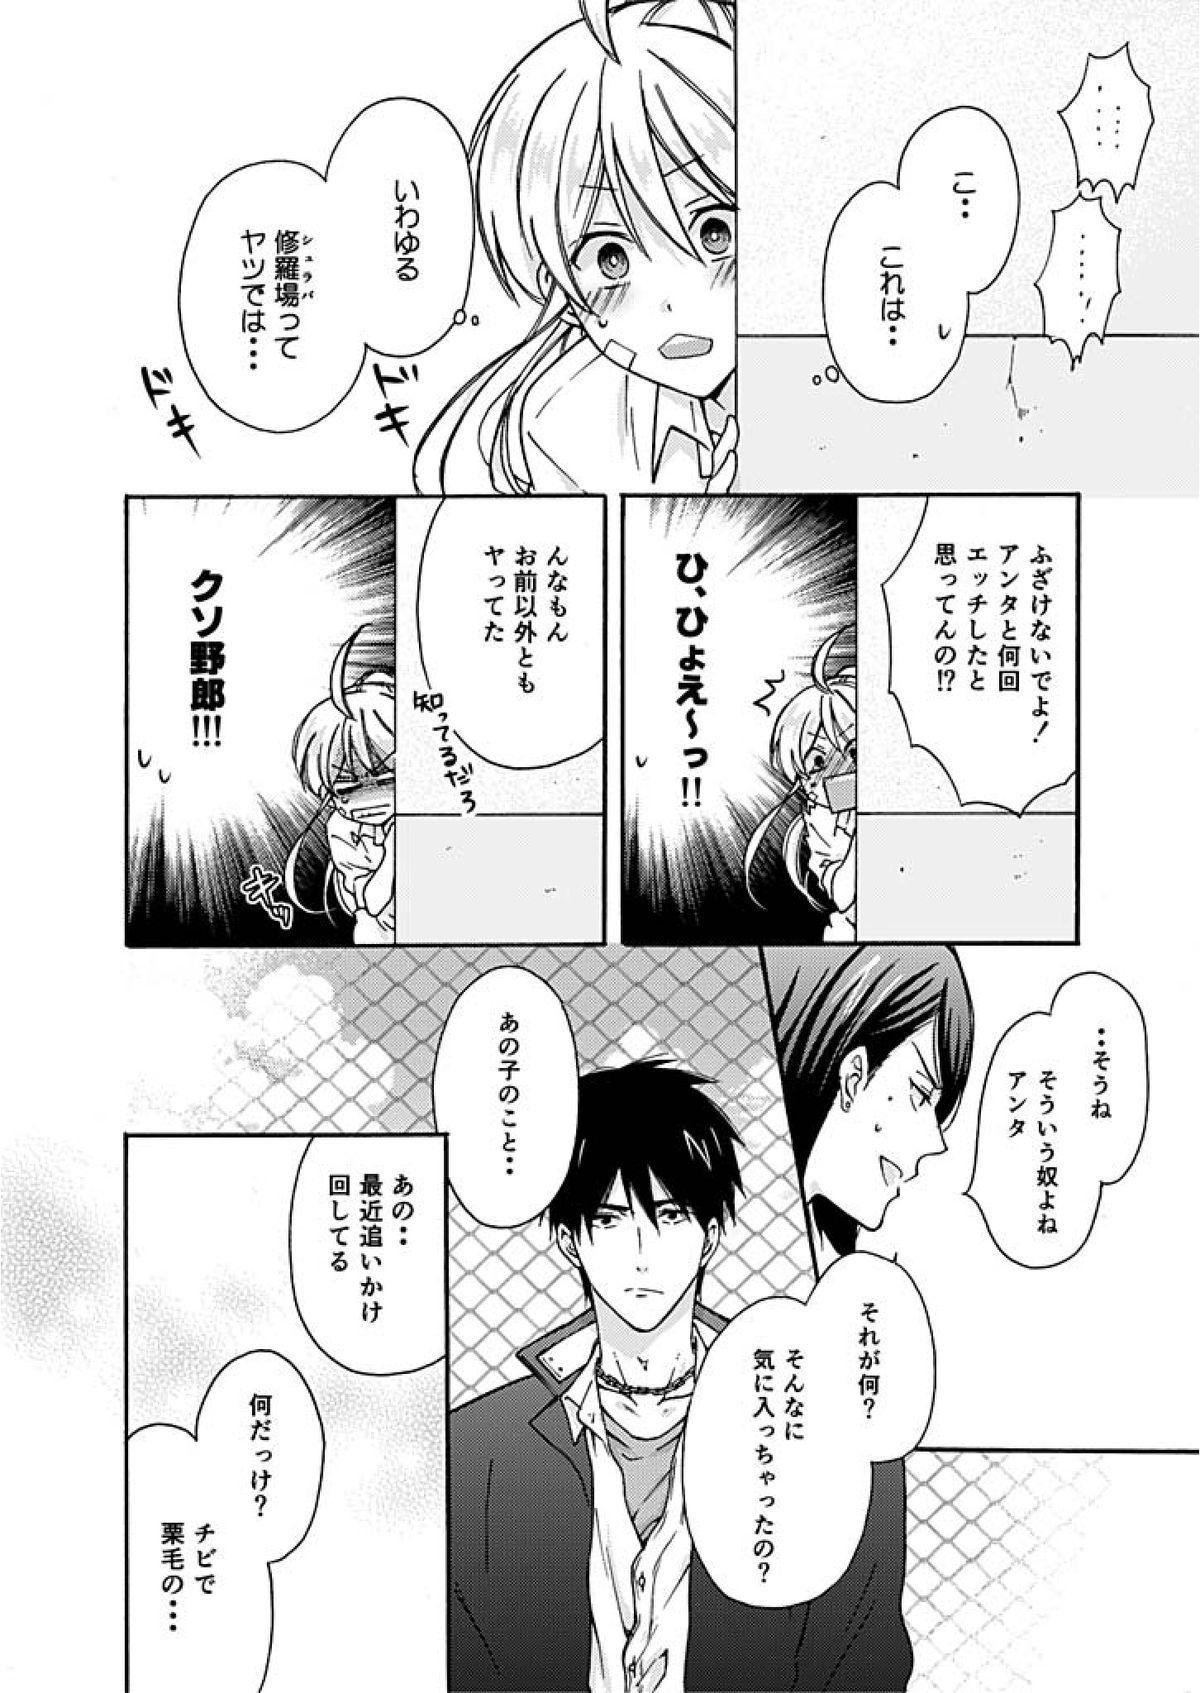 Nyotaika Yankee Gakuen ☆ Ore no Hajimete, Nerawaretemasu. 3 4